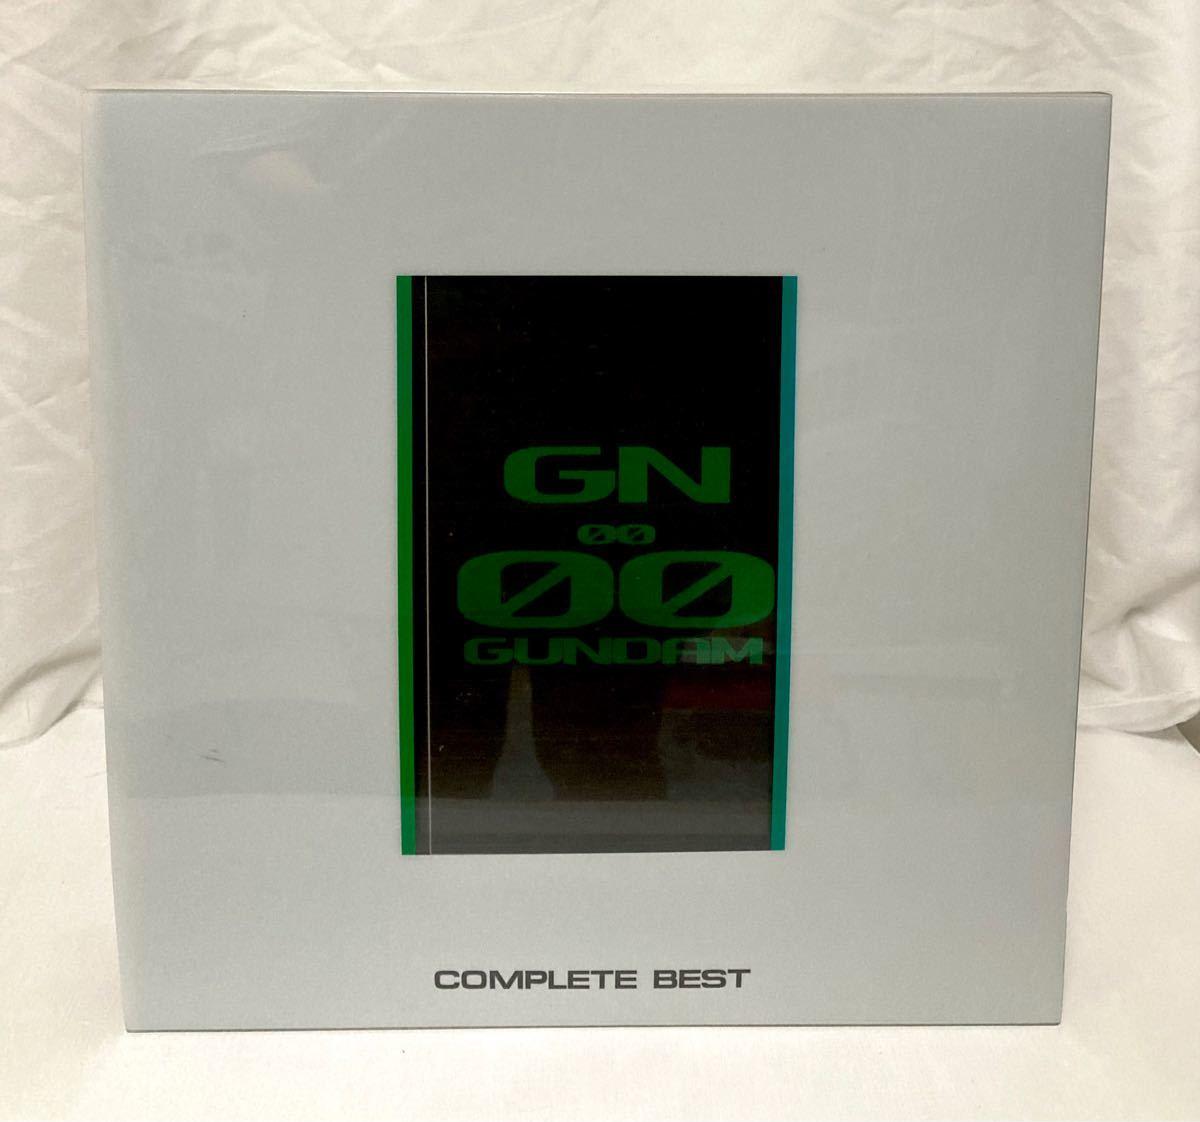 【限定盤】機動戦士ガンダム00 COMPLETE BEST 完全生産限定盤 Blu-ray Disc CD Anniversary